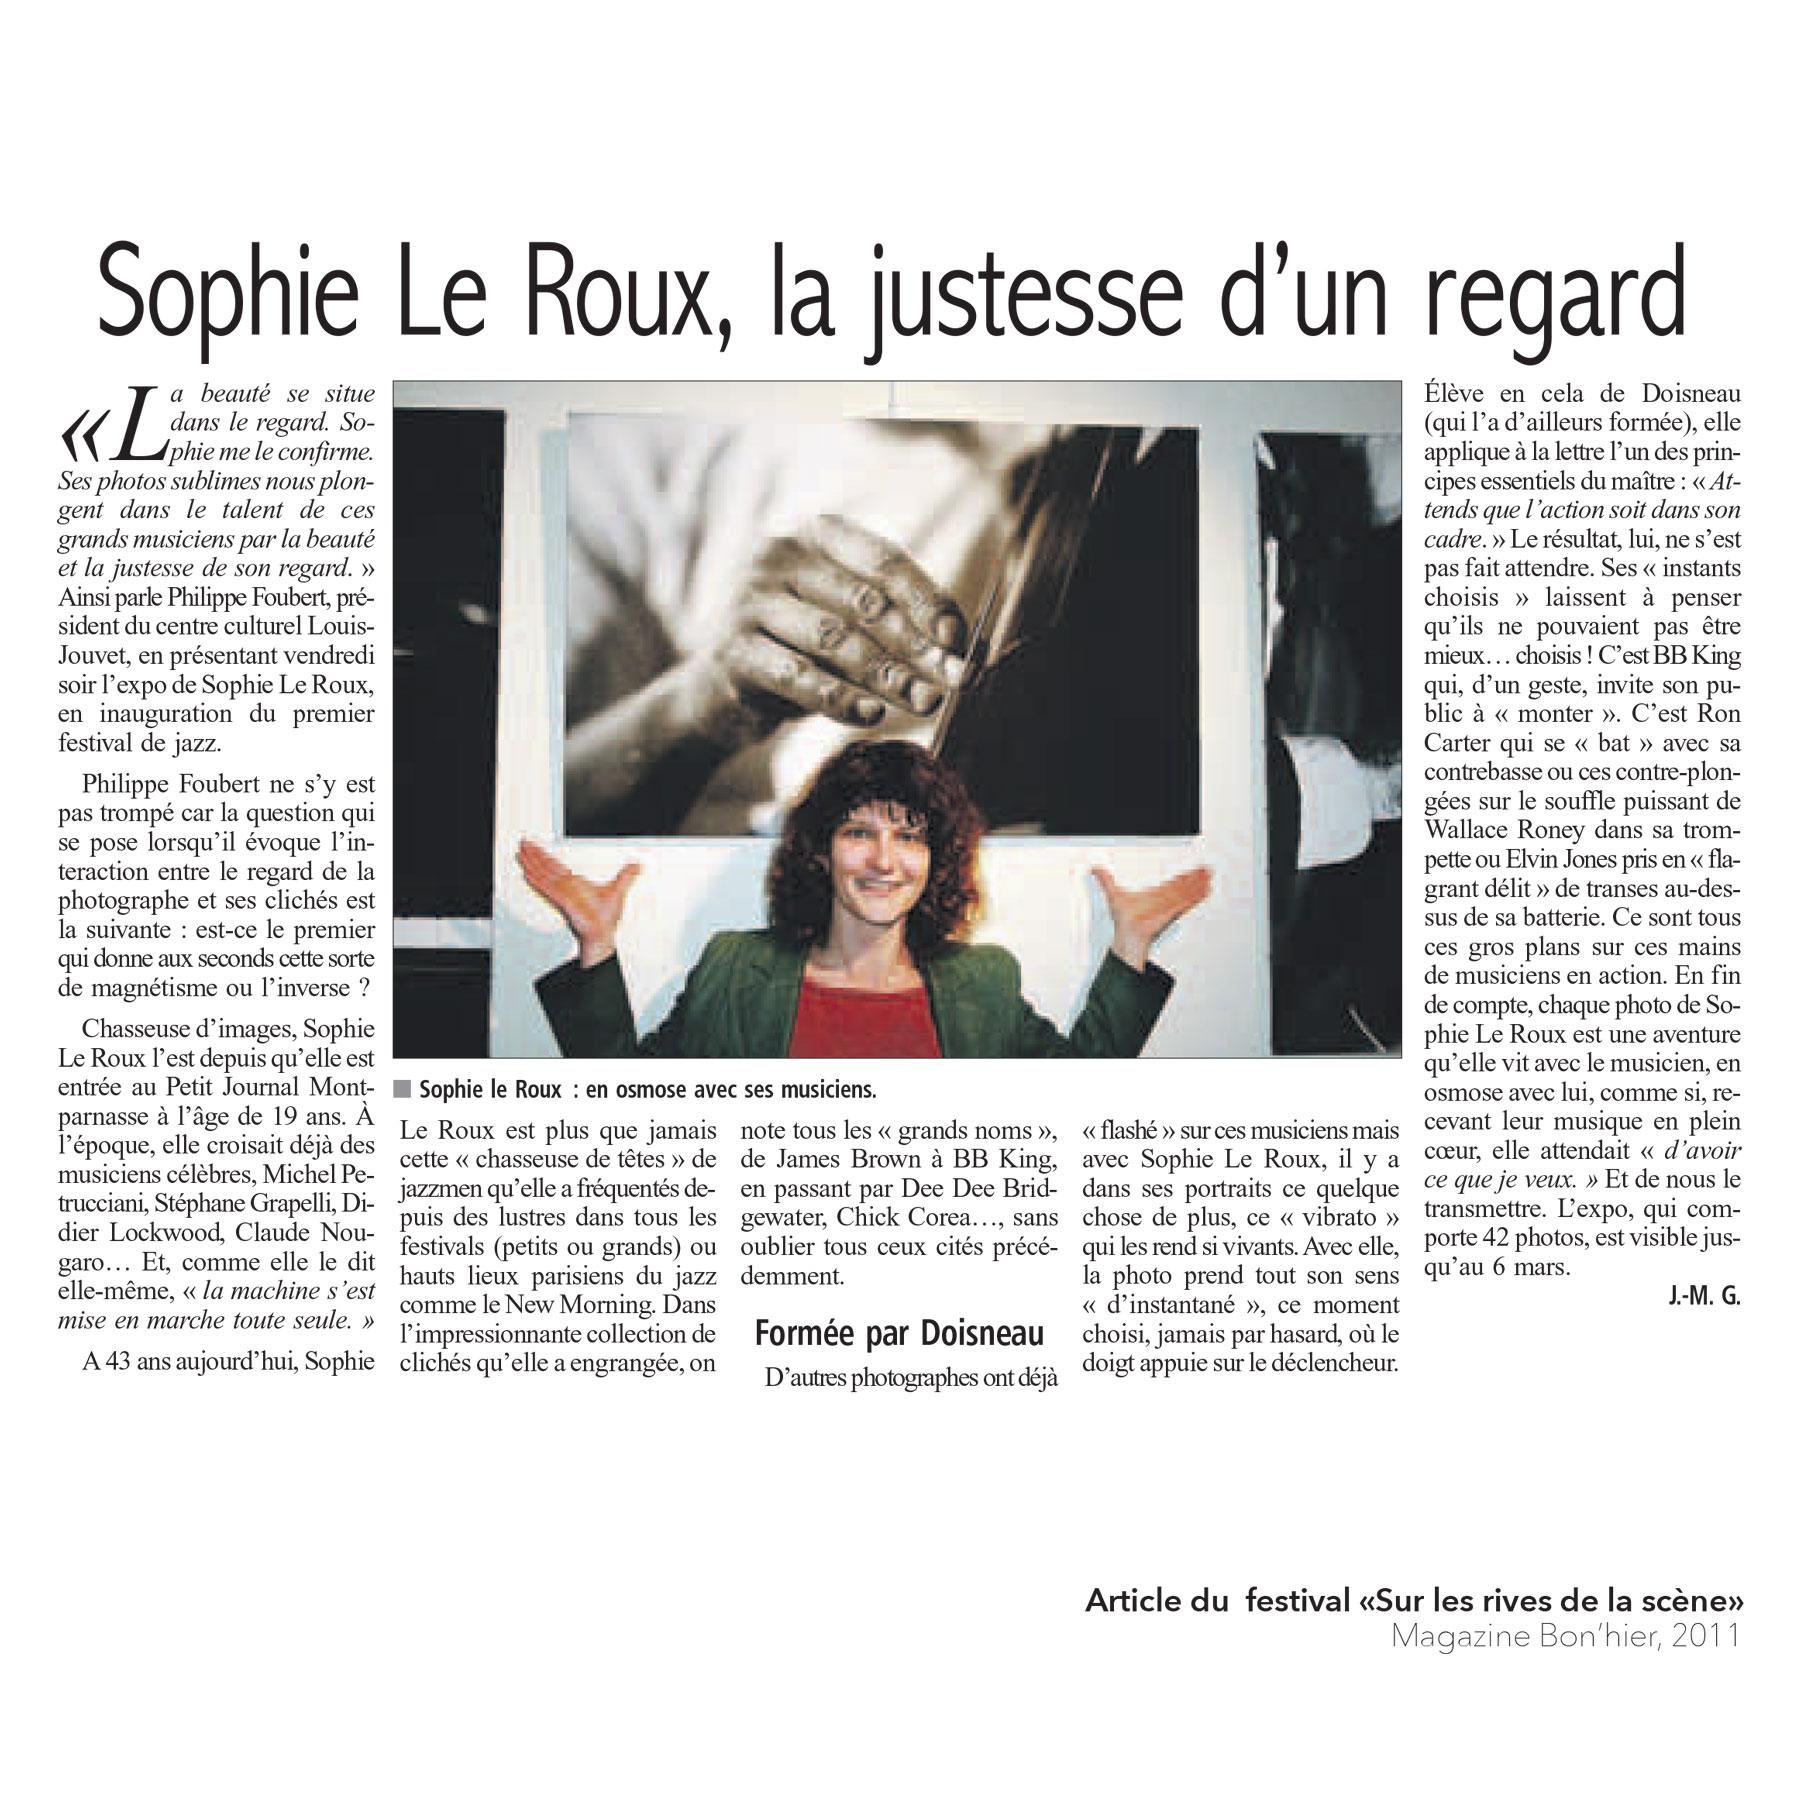 """Sophie Le Roux - Article du festival """"Sur les rives de la scène"""", magazine Bon hier, 2011"""